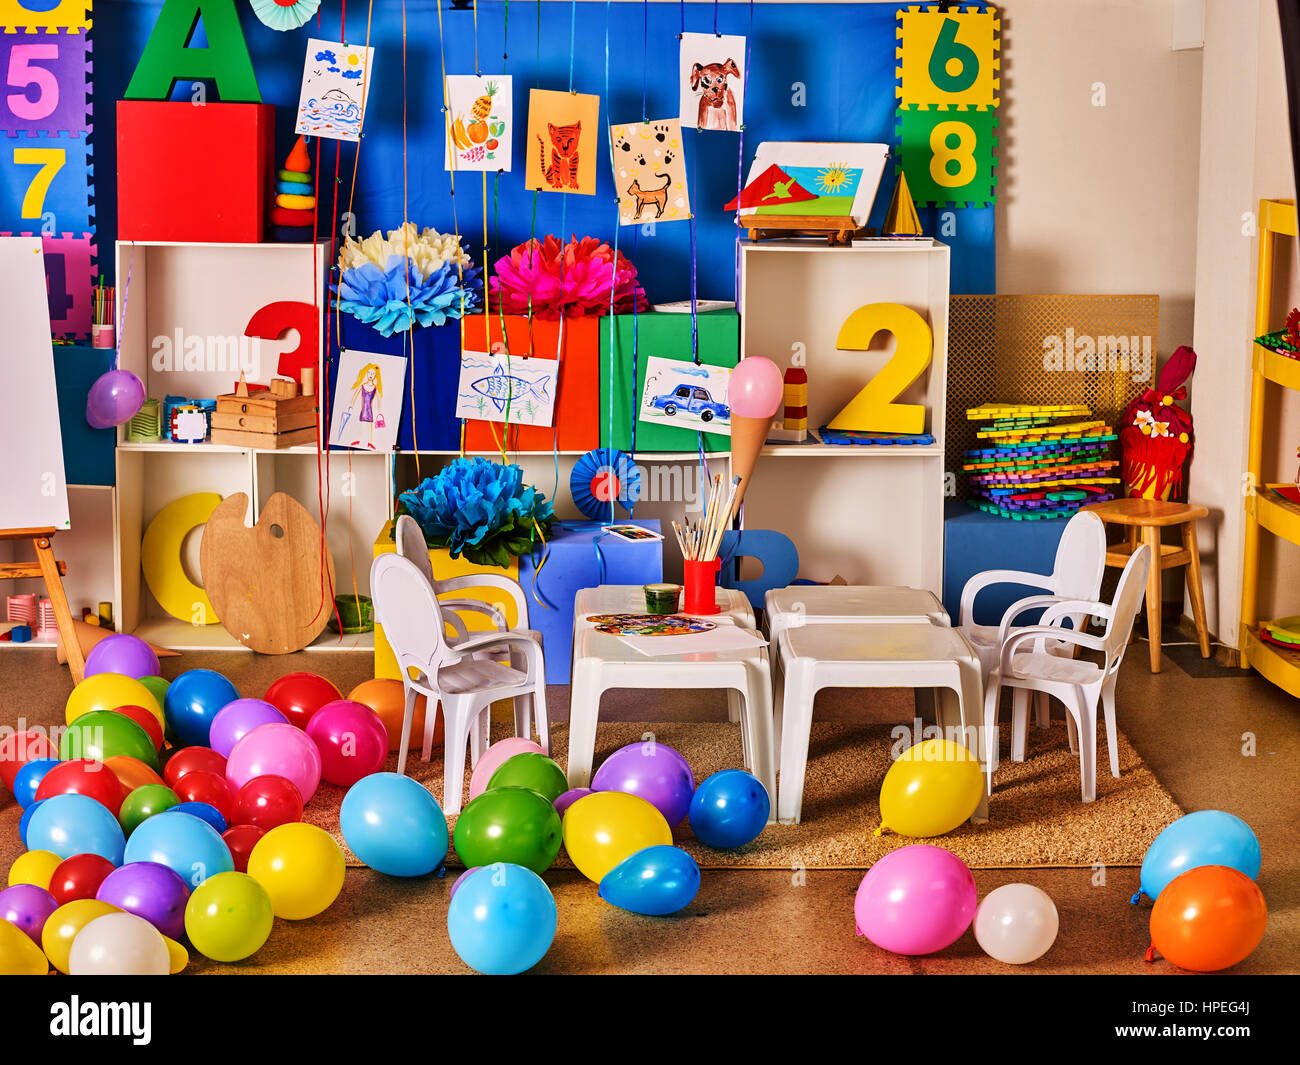 Kindergarten Innendekoration Kind Bild An Wand. Vorschulklasse Kinder  Warten. Farbe Ballons Im Stock. Spielzimmer Mit Weißen Tisch. Kunst Raum Ed